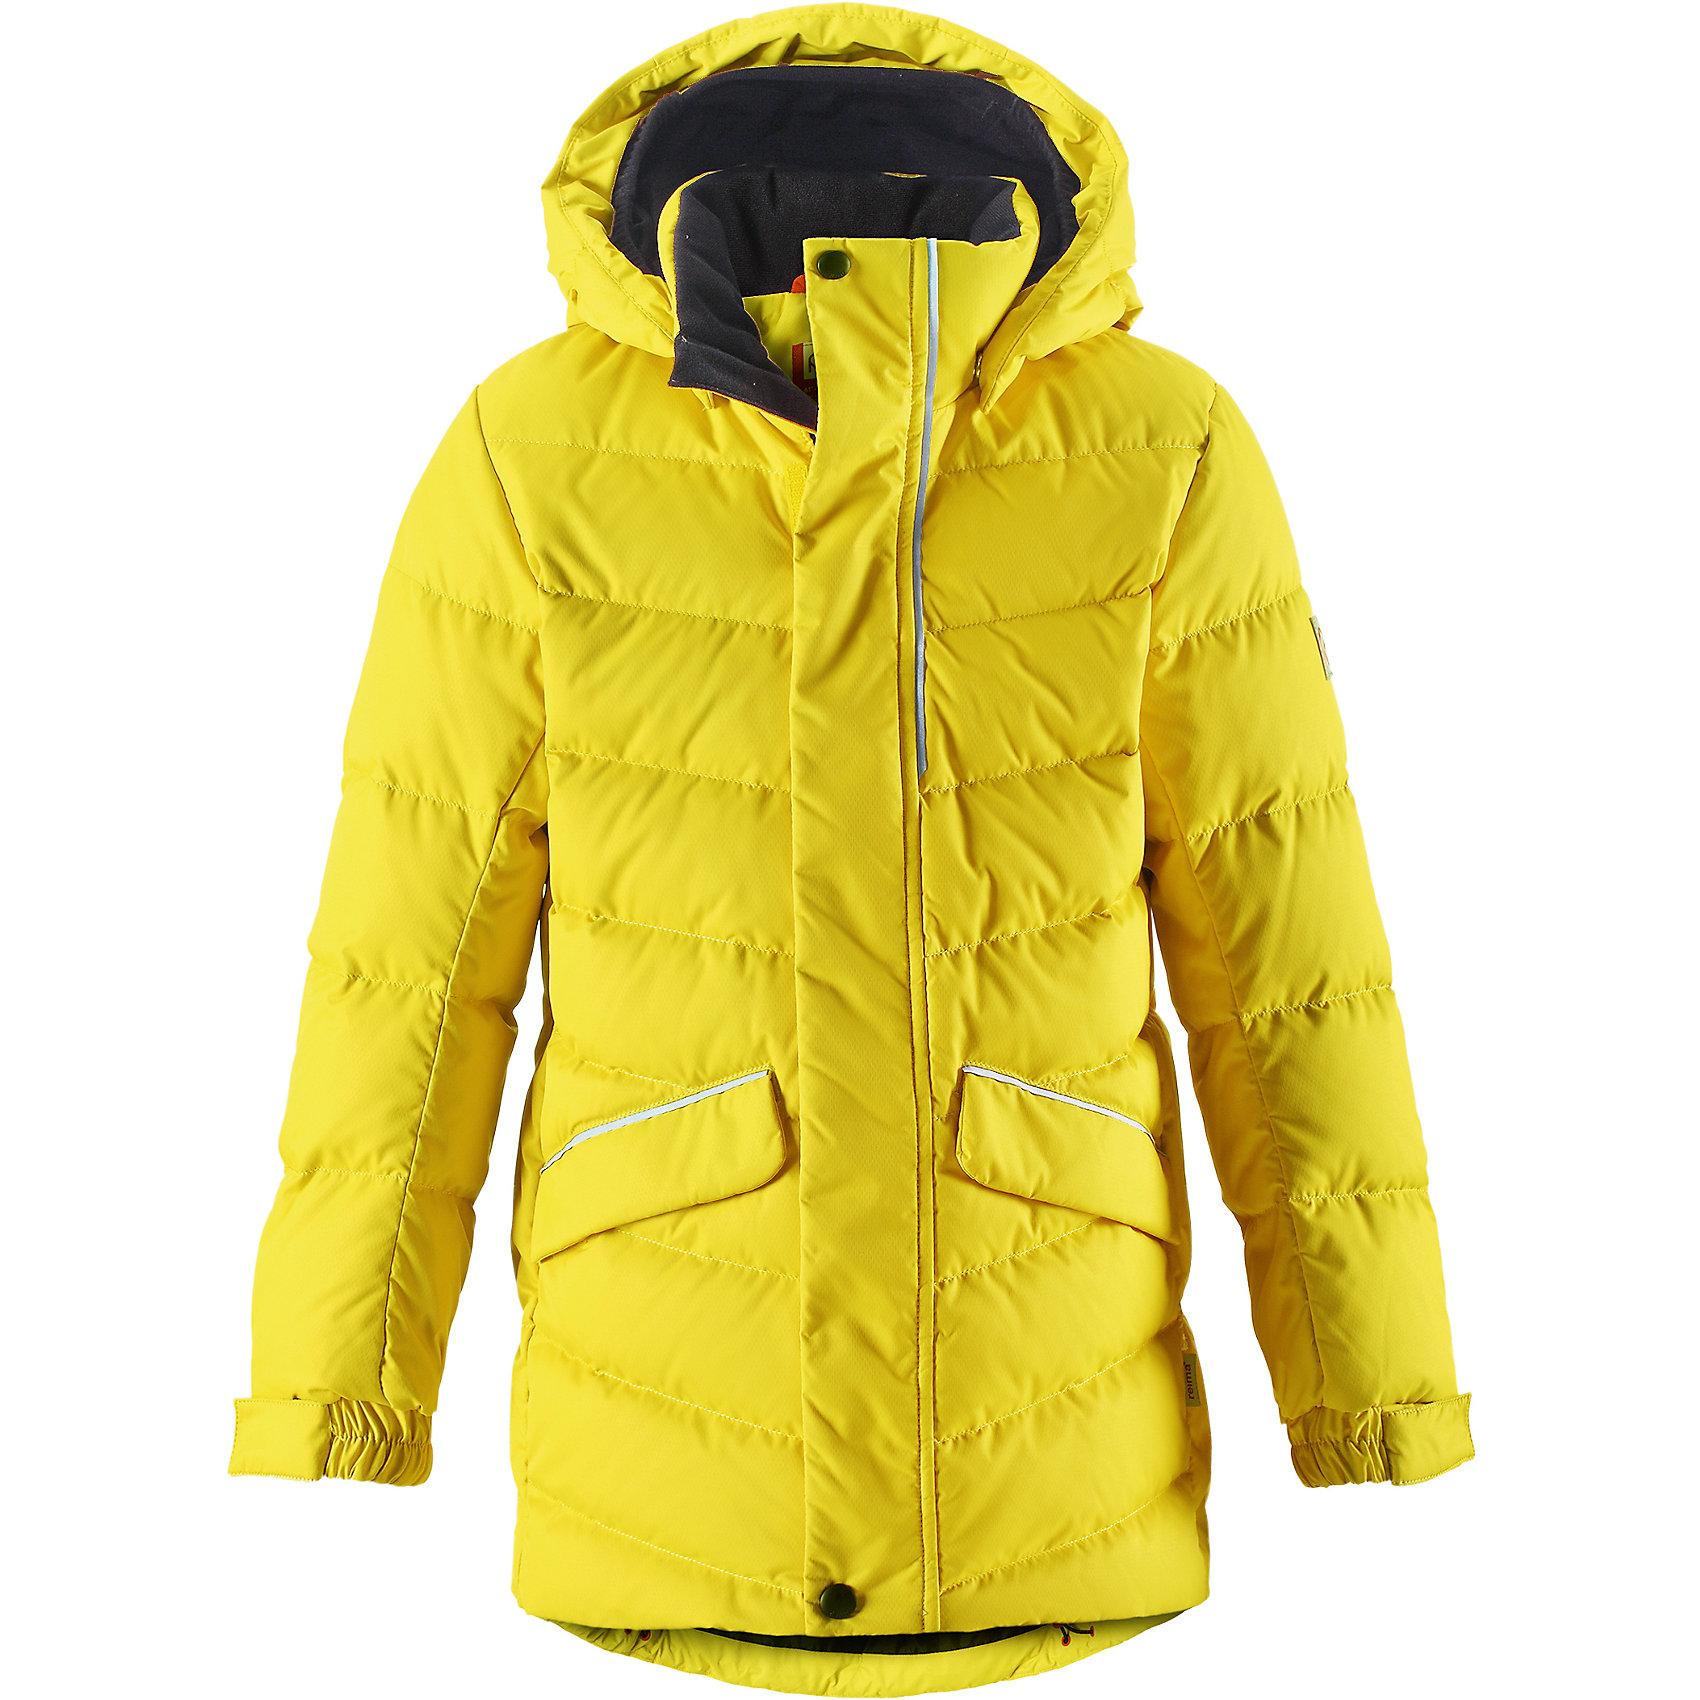 Куртка Janne Reima для мальчикаВерхняя одежда<br>Пуховая куртка для спорта и прогулок по городу. Поверхность с ромбовидным узором добби, утеплитель пух/перо (60/40%). Эта удлиненная модель изготовлена из дышащего, водо- и ветронепроницаемого материала. В куртке вашему ребенку будет тепло и уютно в морозный день. Благодаря подкладке из гладкого полиэстера куртка легко надевается. <br><br>Снабжена безопасным съемным капюшоном, а также регулируемыми манжетами и подолом. Куртка изготовлена из грязеотталкивающего материала, но при этом ее можно сушить в сушильной машине. Она снабжена двумя карманами с клапанами, в одном из которых спрятана удобная петелька. Прикрепите на нее любимый светоотражатель вашего ребенка и обеспечьте ему безопасность и лучшую видимость! <br>Состав:<br>100% Полиэстер<br><br>Ширина мм: 356<br>Глубина мм: 10<br>Высота мм: 245<br>Вес г: 519<br>Цвет: желтый<br>Возраст от месяцев: 36<br>Возраст до месяцев: 48<br>Пол: Мужской<br>Возраст: Детский<br>Размер: 104,164,110,116,122,128,134,140,146,152,158<br>SKU: 6903172